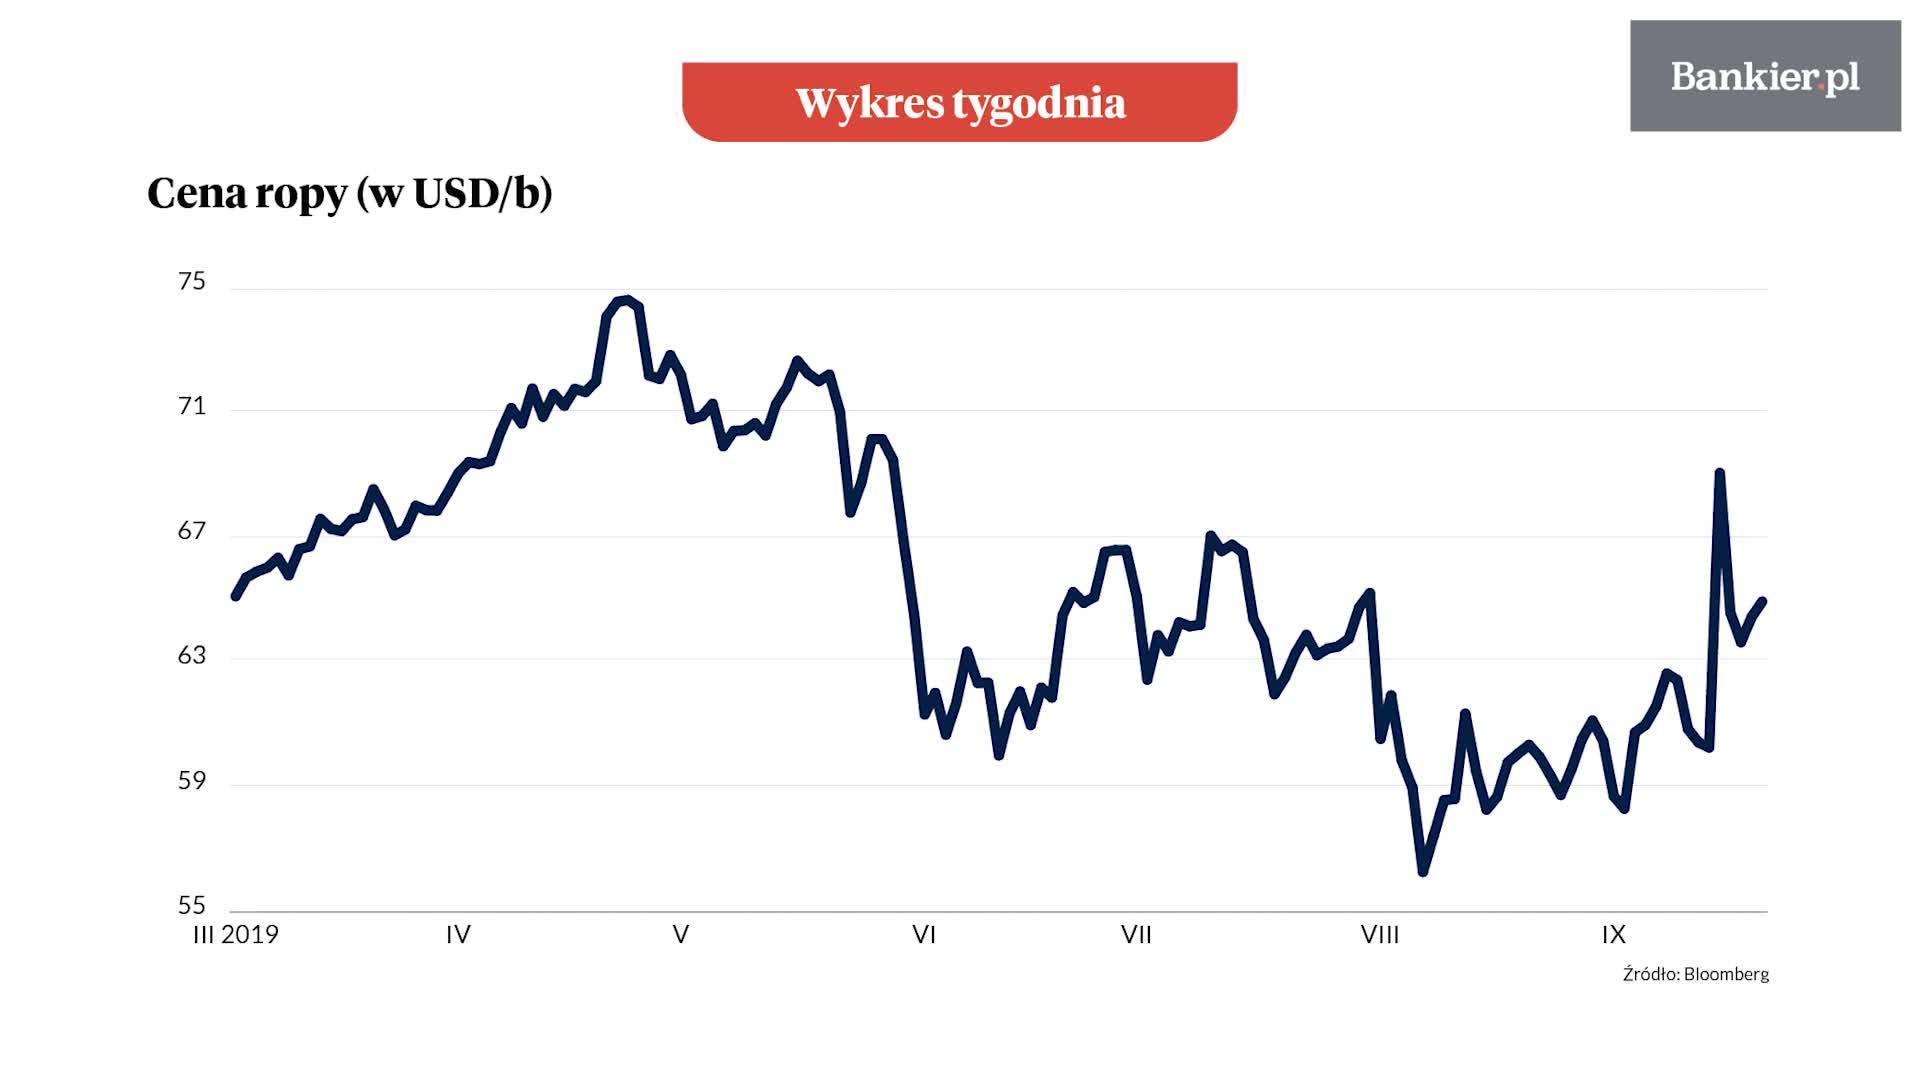 Wykres Tygodnia: Wciąż gorąco na rynku ropy naftowej